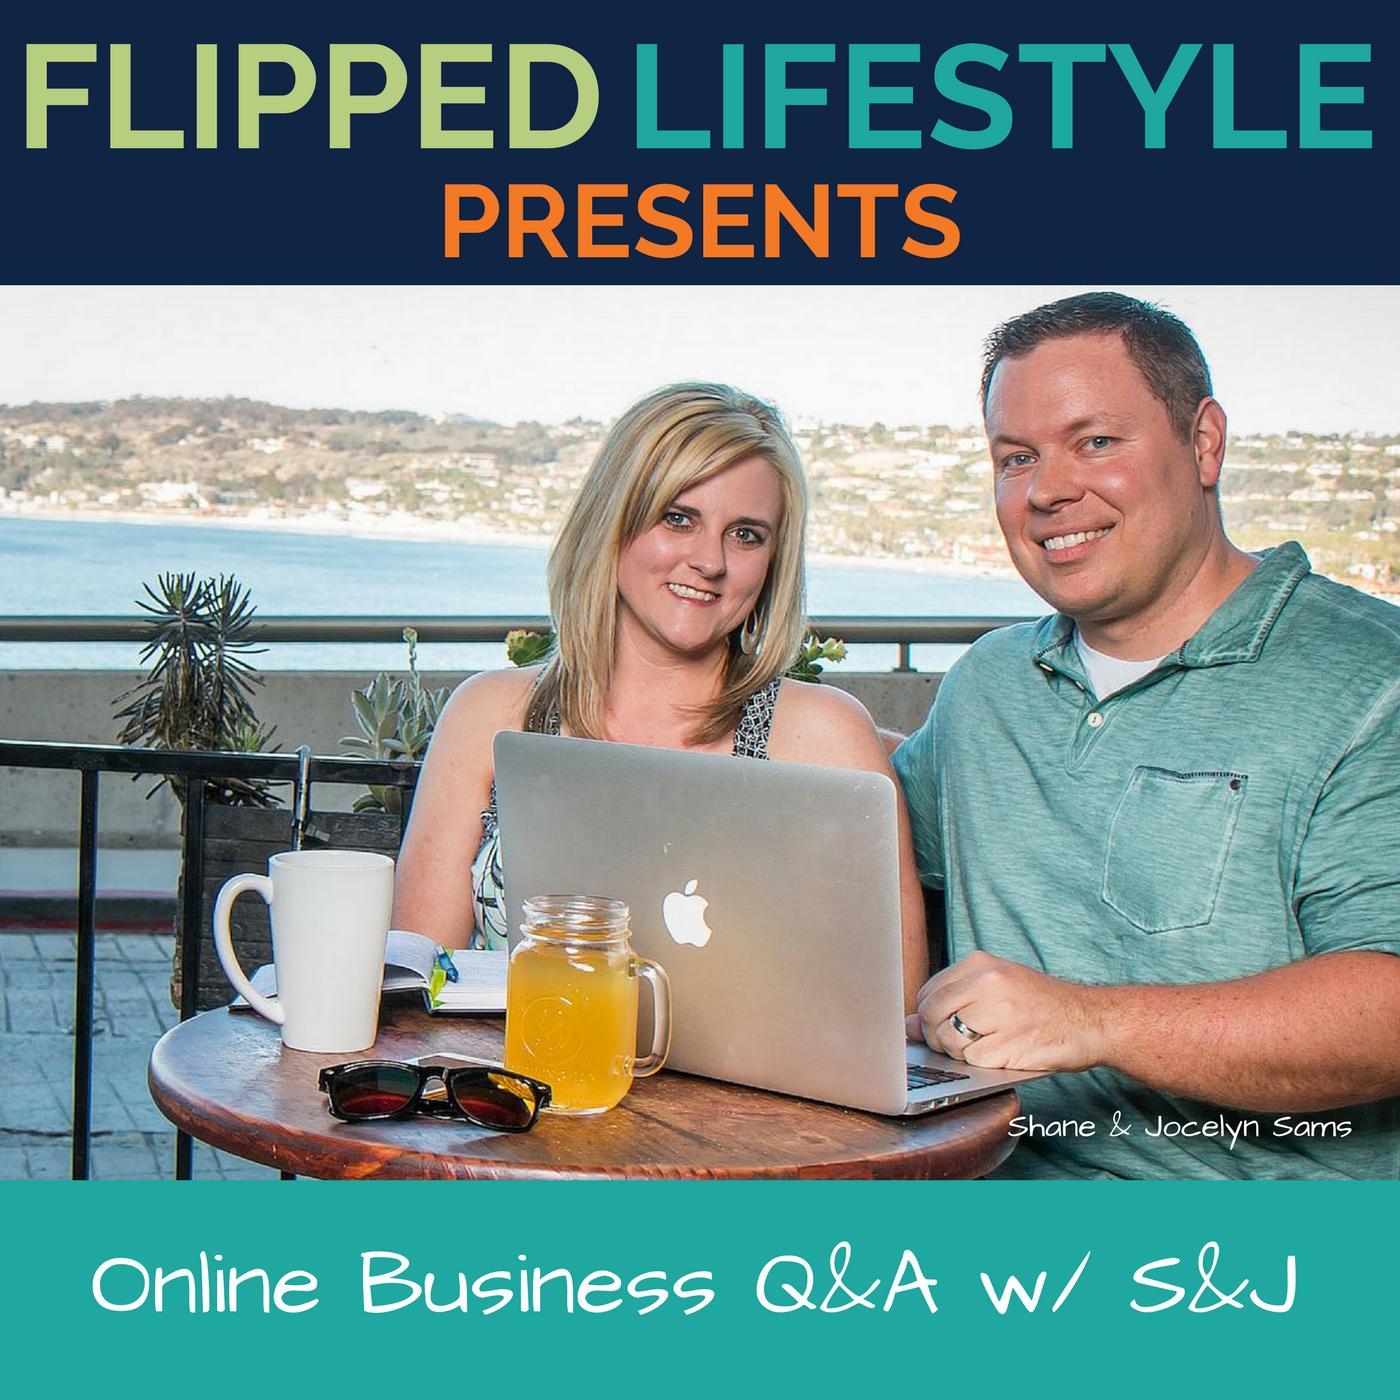 Online Business Q&A w/ S&J